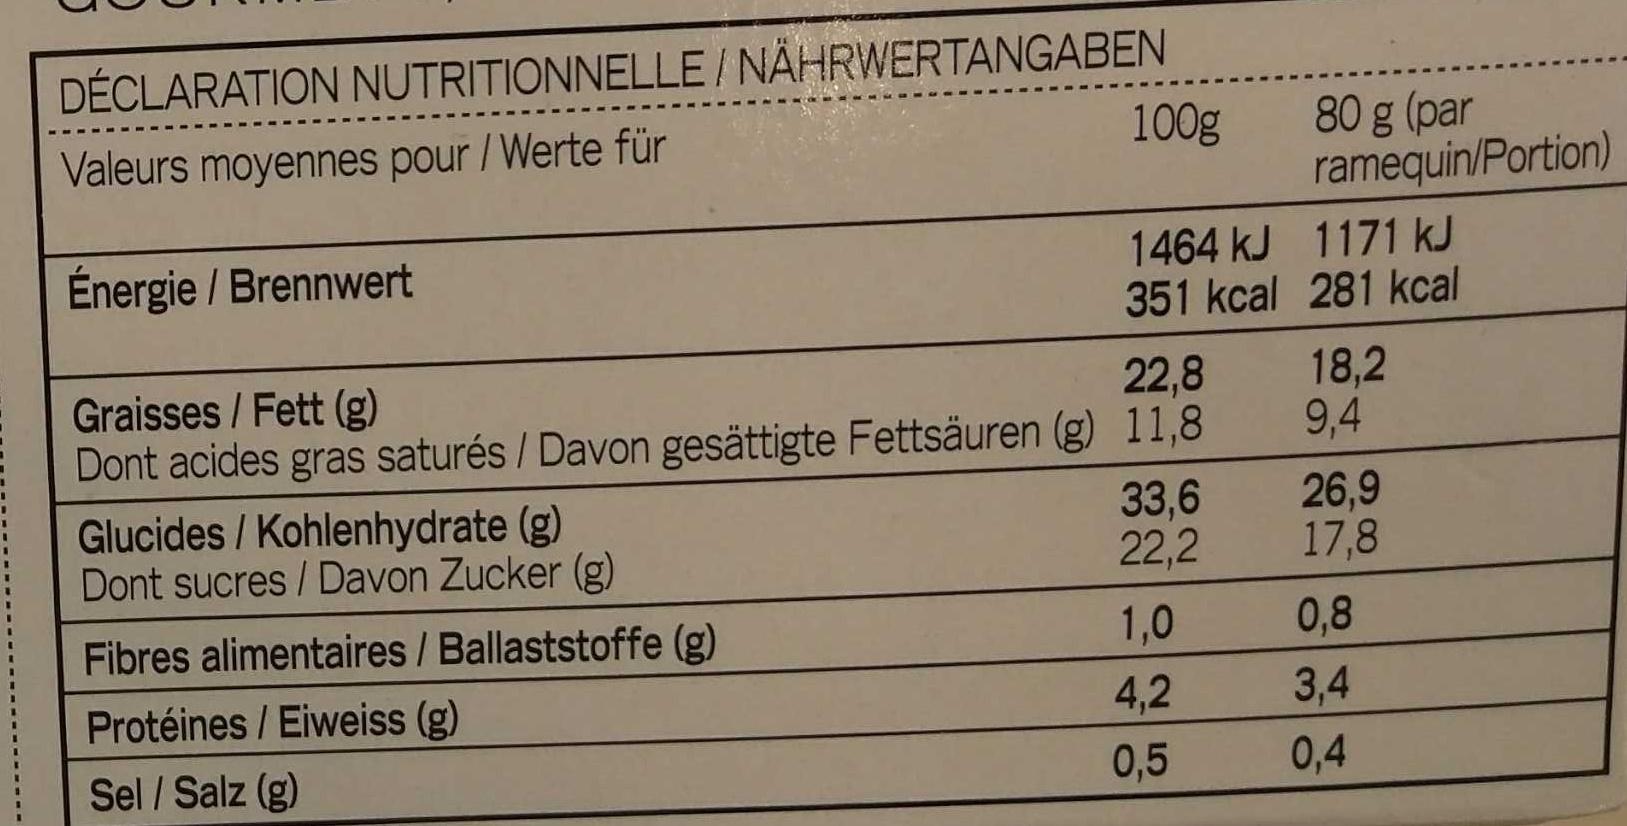 Gü-yorkais au speculos - Informations nutritionnelles